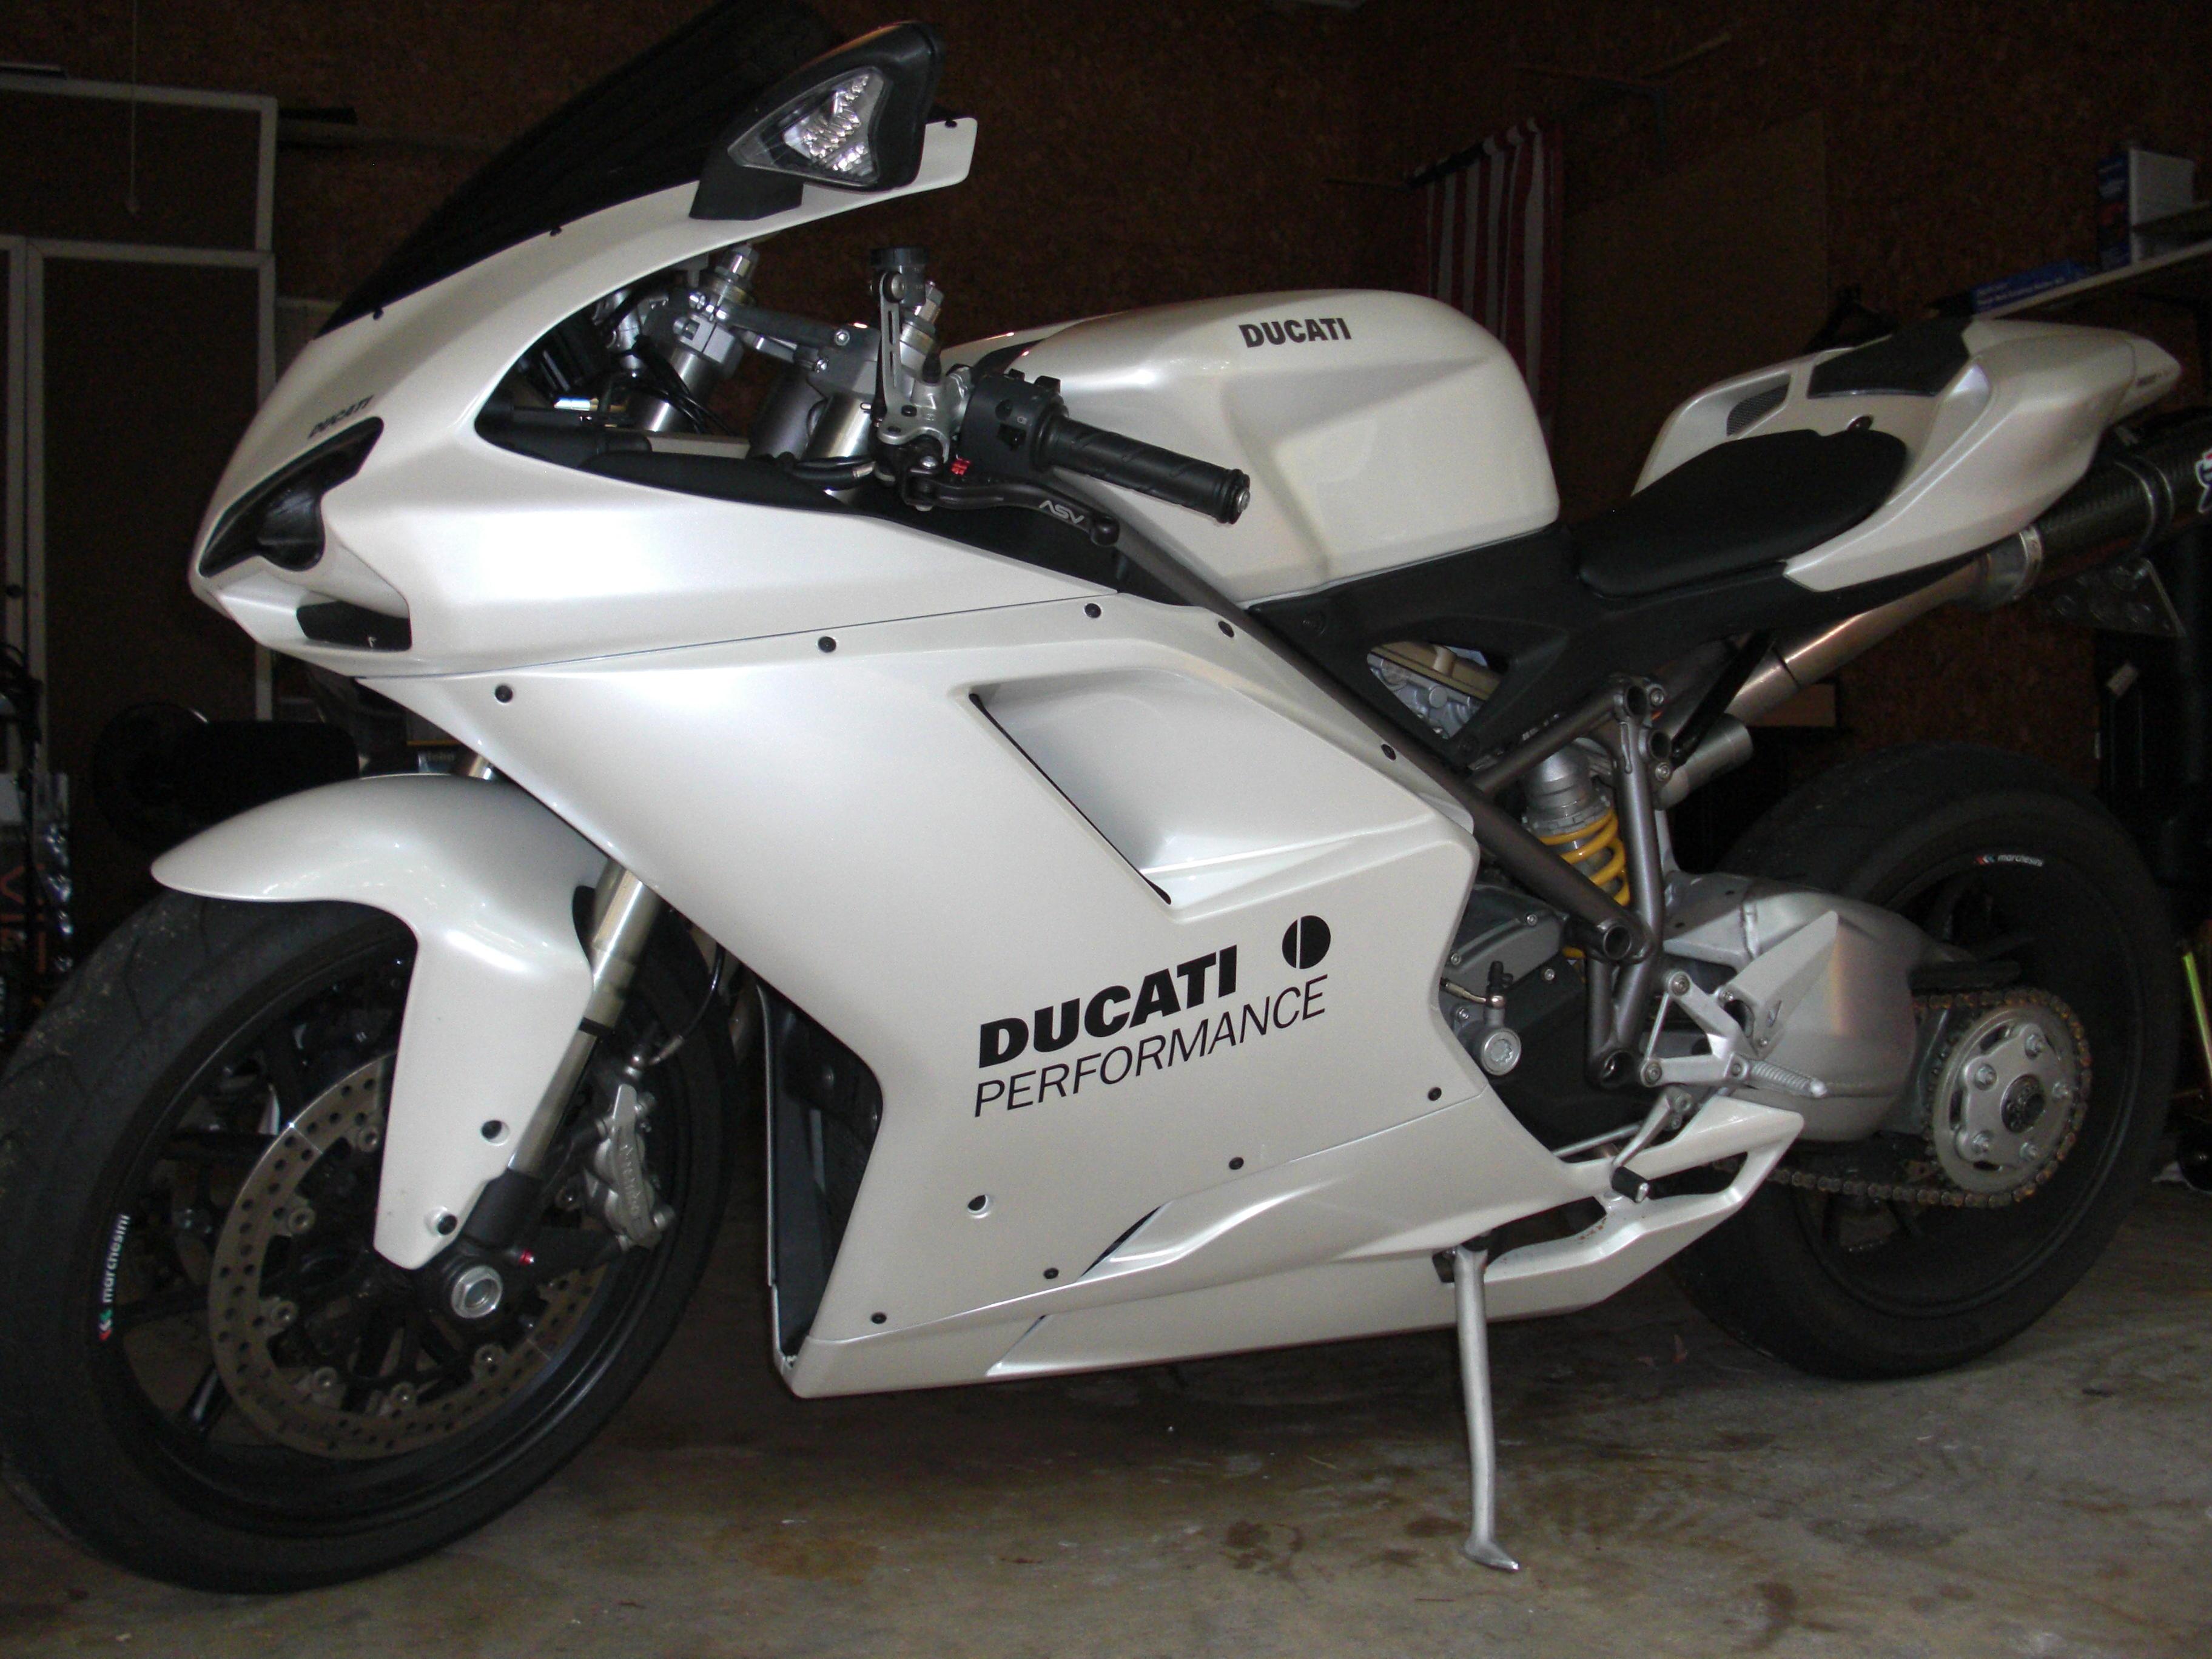 2008 Ducati 848 Pearl White Ducati Org Forum The Home